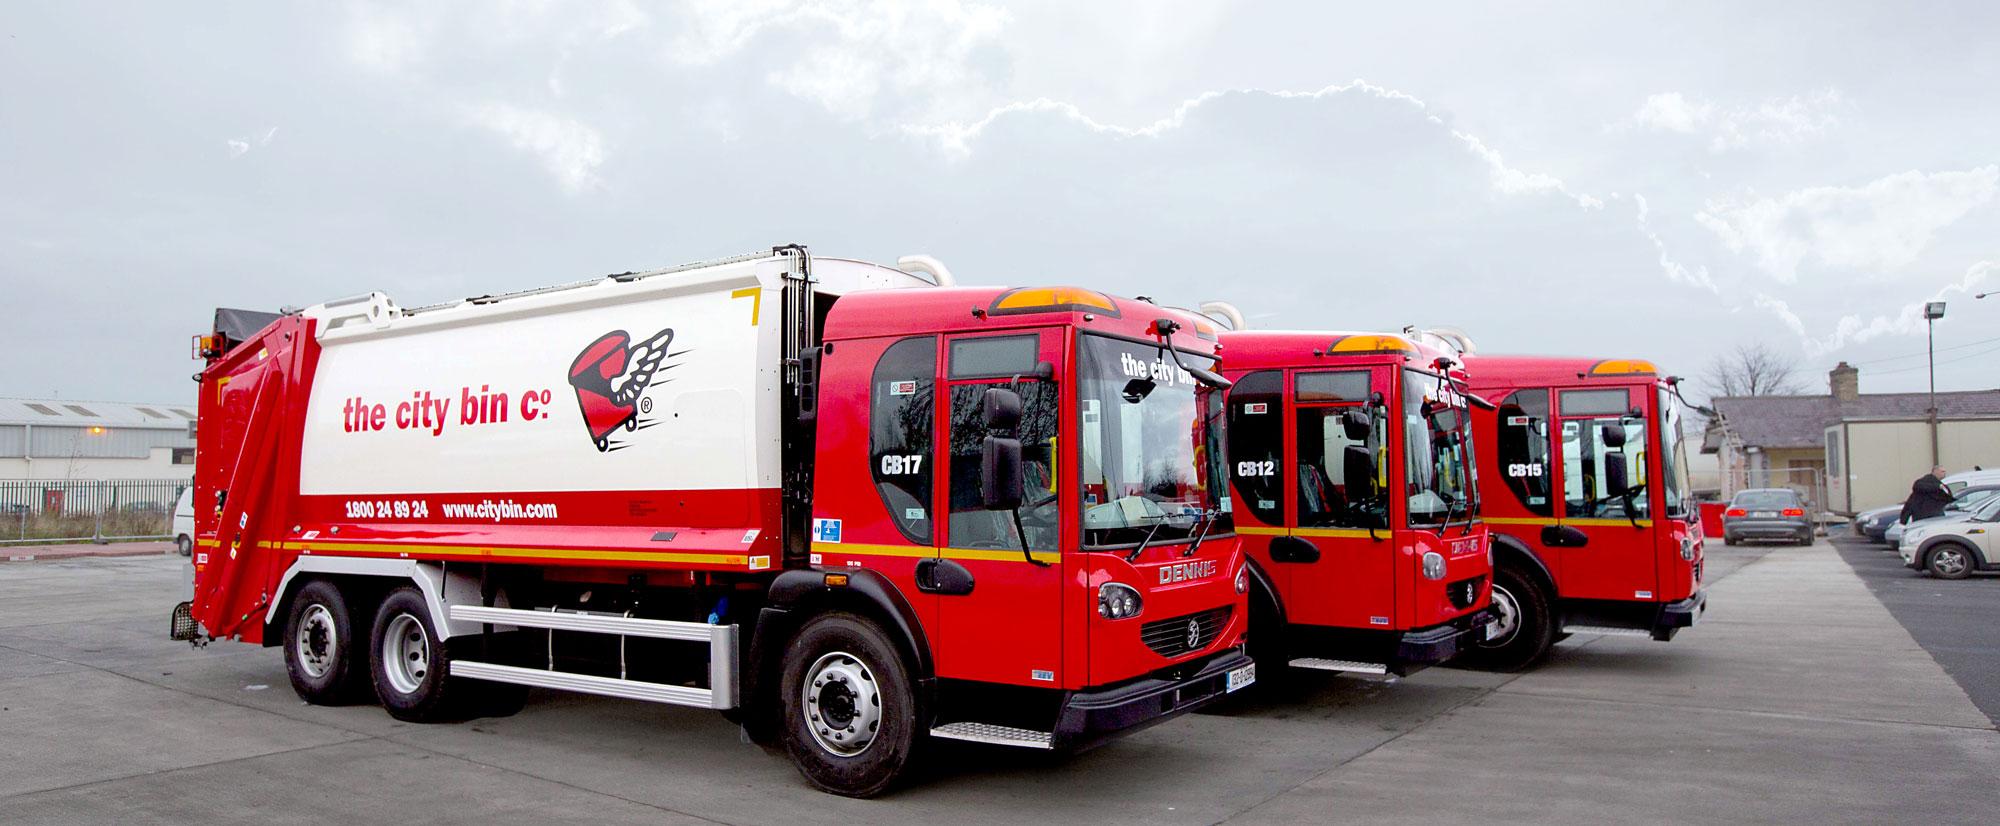 TCBC Trucks Web